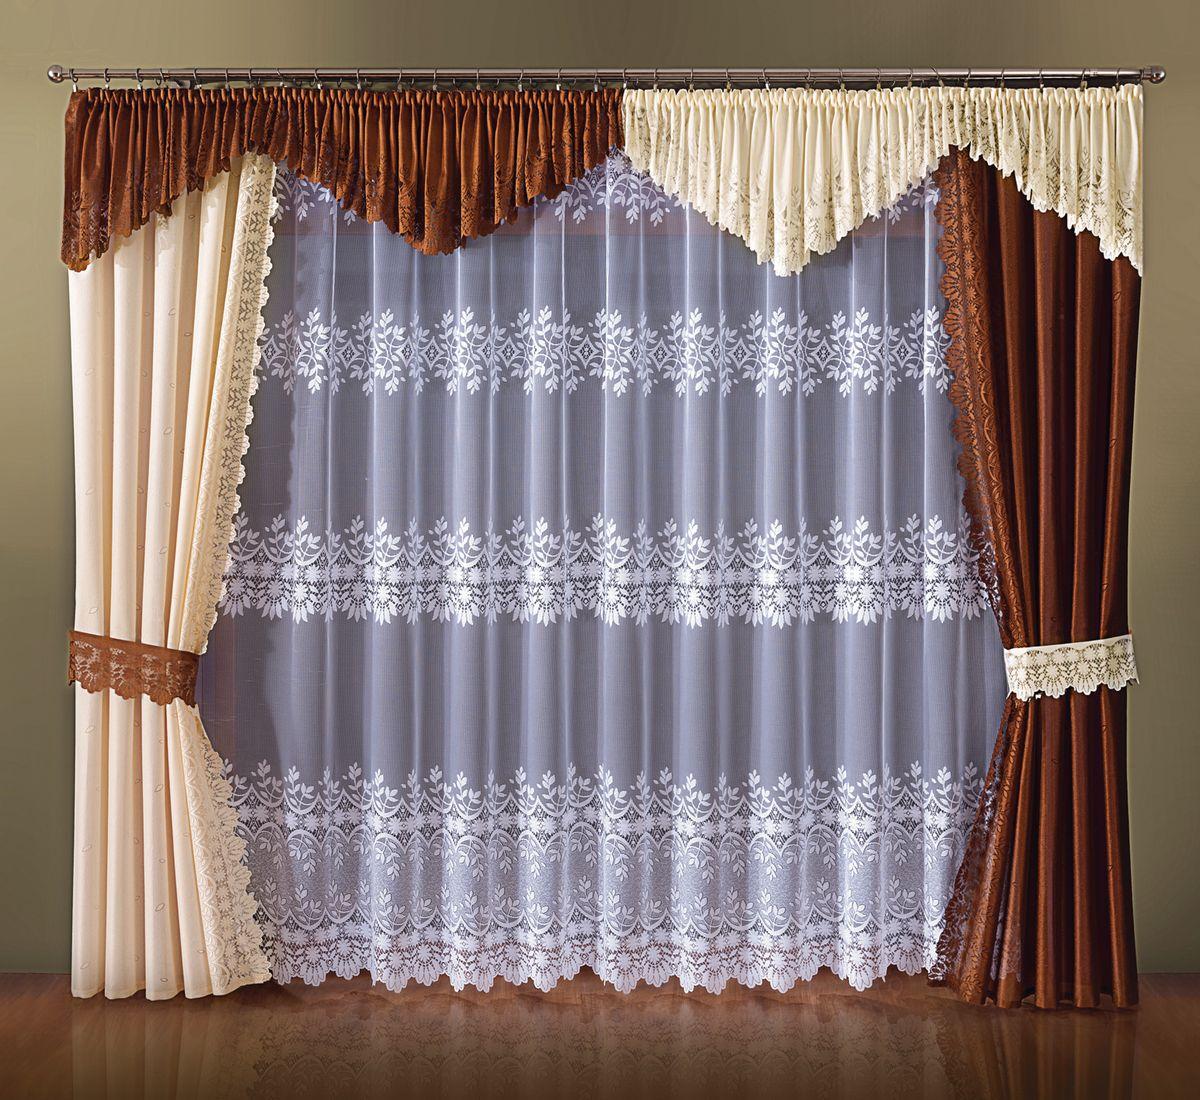 Комплект штор Wisan Cappuccino, на ленте, цвет: коричневый, кремовый, высота 250 см046WКомплект штор Wisan Cappuccino выполненный из полиэстера, великолепно украсит любое окно. Тонкое плетение, оригинальный дизайн привлекут к себе внимание и органично впишутся в интерьер. Комплект состоит из 2 штор, тюля, ламбрекена и 2 подхватов. Кружевной узор придает комплекту особый стиль и шарм. Тонкое жаккардовое плетение, нежная цветовая гамма и роскошное исполнение - все это делает шторы Wisan Cappuccino замечательным дополнением интерьера помещения. Все предметы комплекта оснащены шторной лентой для красивой драпировки. В комплект входит: Штора - 2 шт. Размер (ШхВ): 145 см х 250 см. Тюль - 1 шт. Размер (ШхВ): 400 см х 250 см. Ламбрекен - 1 шт. Размер (ШхВ): 800 см х 50 см.Подхваты - 2 шт. Фирма Wisan на польском рынке существует уже более пятидесяти лет и является одной из лучших польских фабрик по производству штор и тканей. Ассортимент фирмы представлен готовыми комплектами штор для гостиной, детской, кухни, а также текстилем для кухни (скатерти, салфетки, дорожки, кухонные занавески). Модельный ряд отличает оригинальный дизайн, высокое качество. Ассортимент продукции постоянно пополняется.